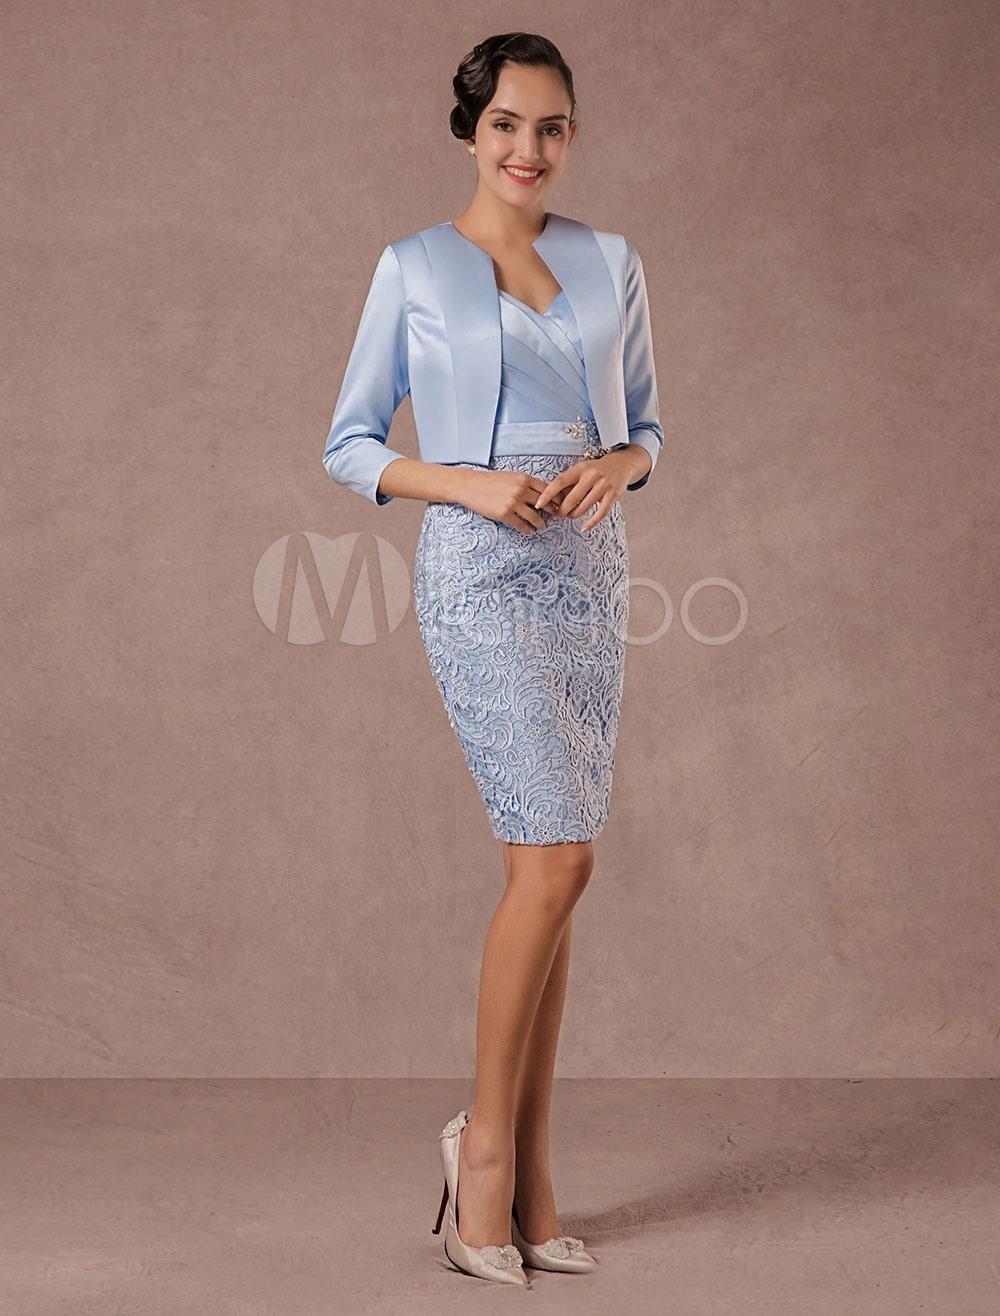 17 Spektakulär Schöne Günstige Abendkleider VertriebDesigner Genial Schöne Günstige Abendkleider Vertrieb